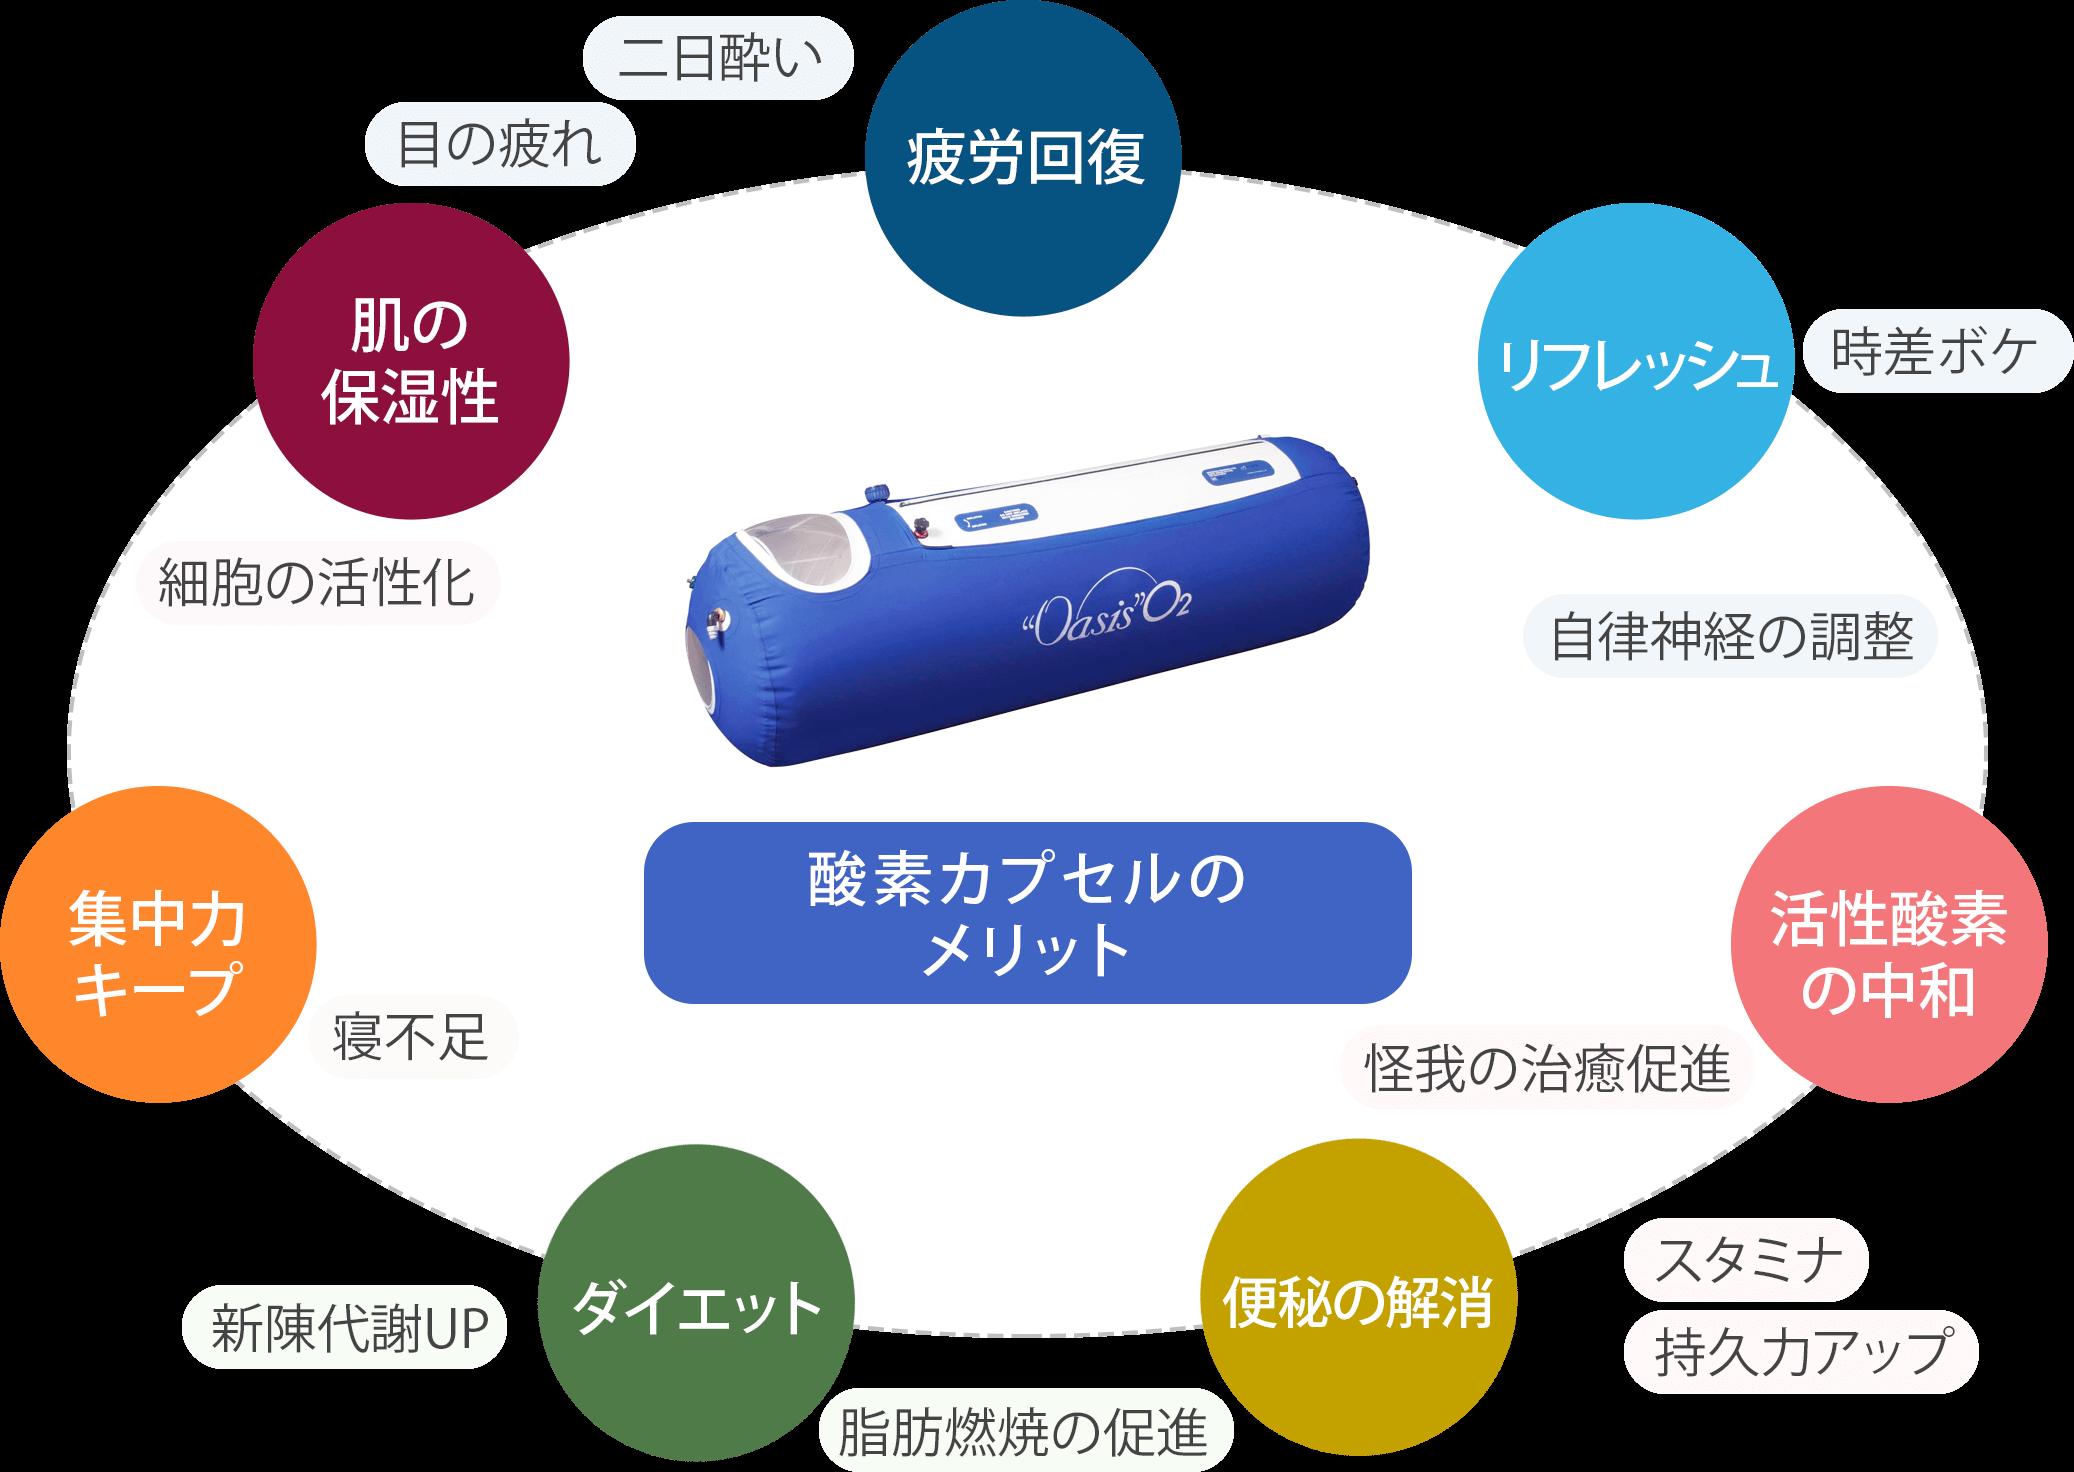 酸素カプセル「オアシスO2」